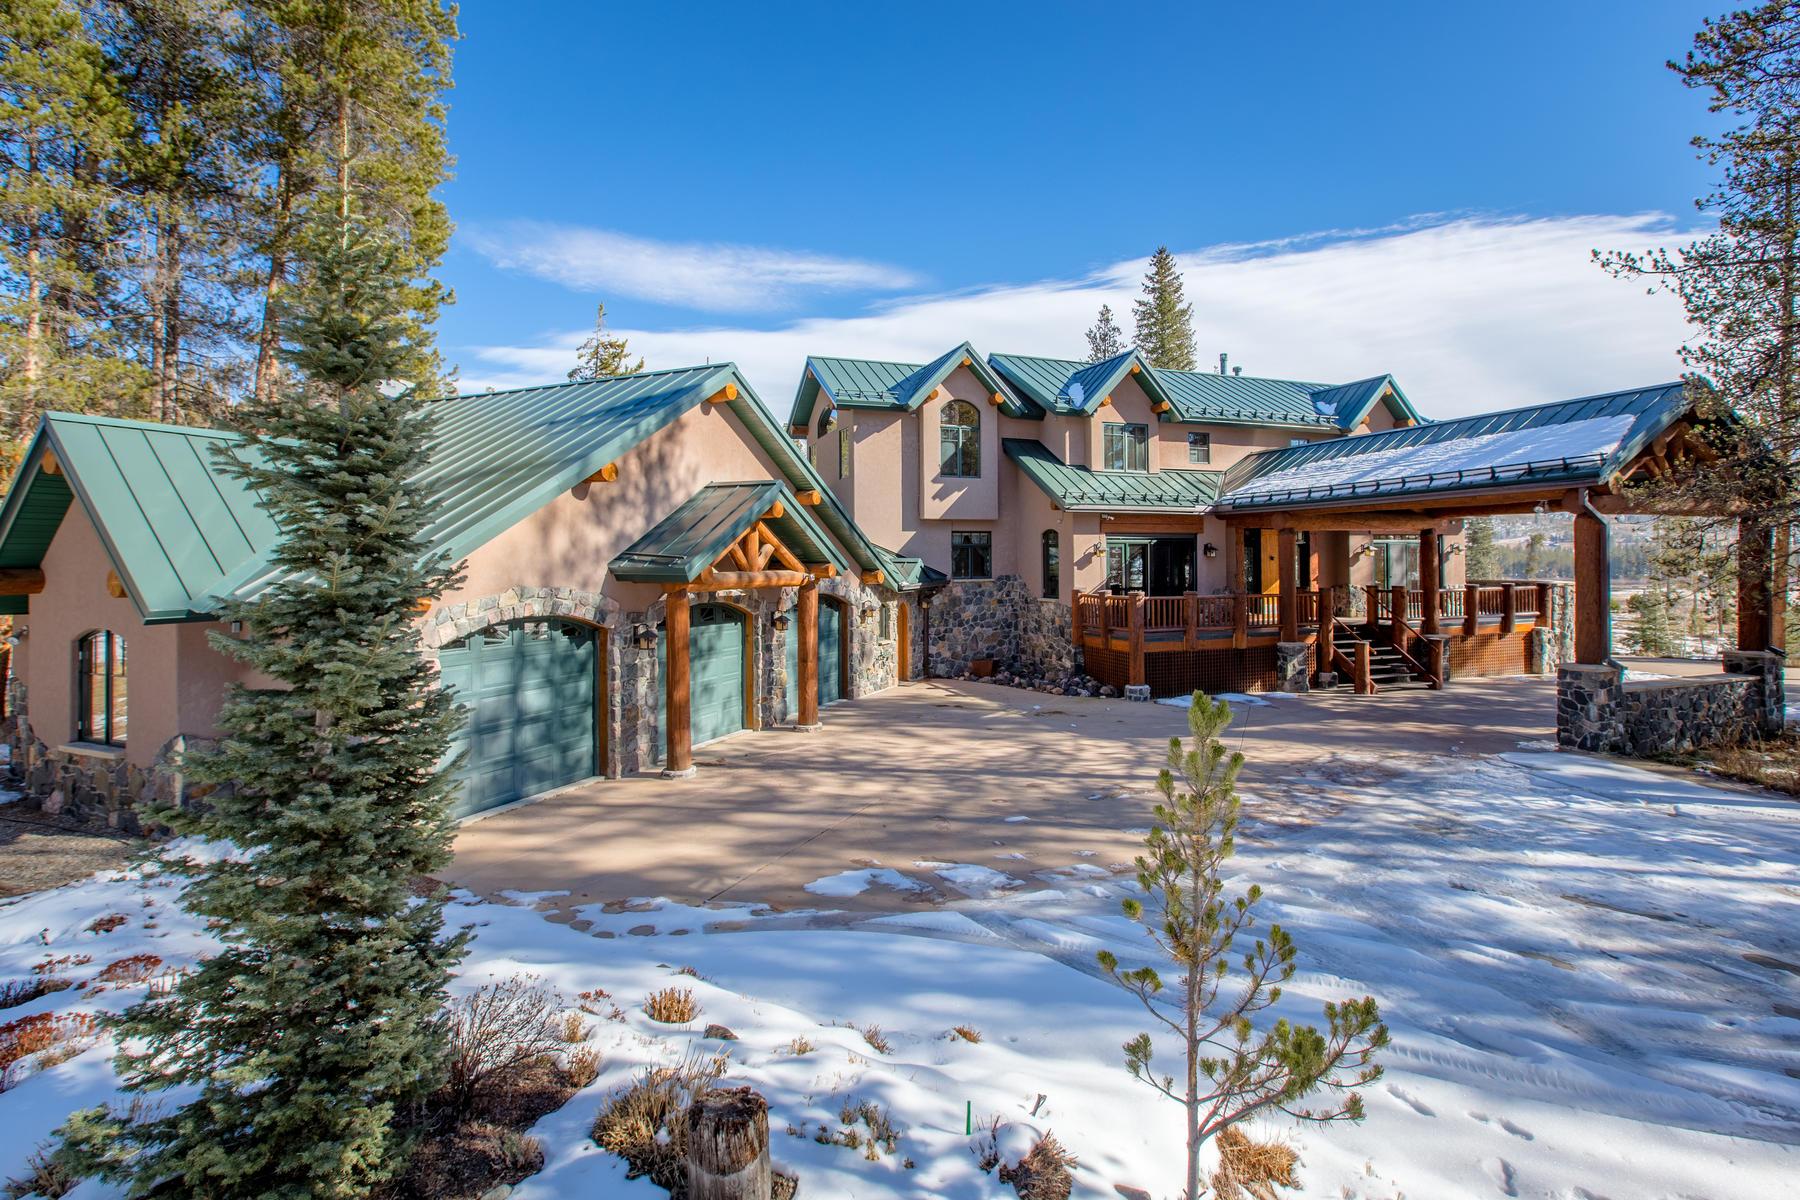 Casa Unifamiliar por un Venta en Enjoy mountain lifestyle with this stunning custom home nestled on 3.23 acres! 25 Browsing Meadow Fraser, Colorado 80442 Estados Unidos